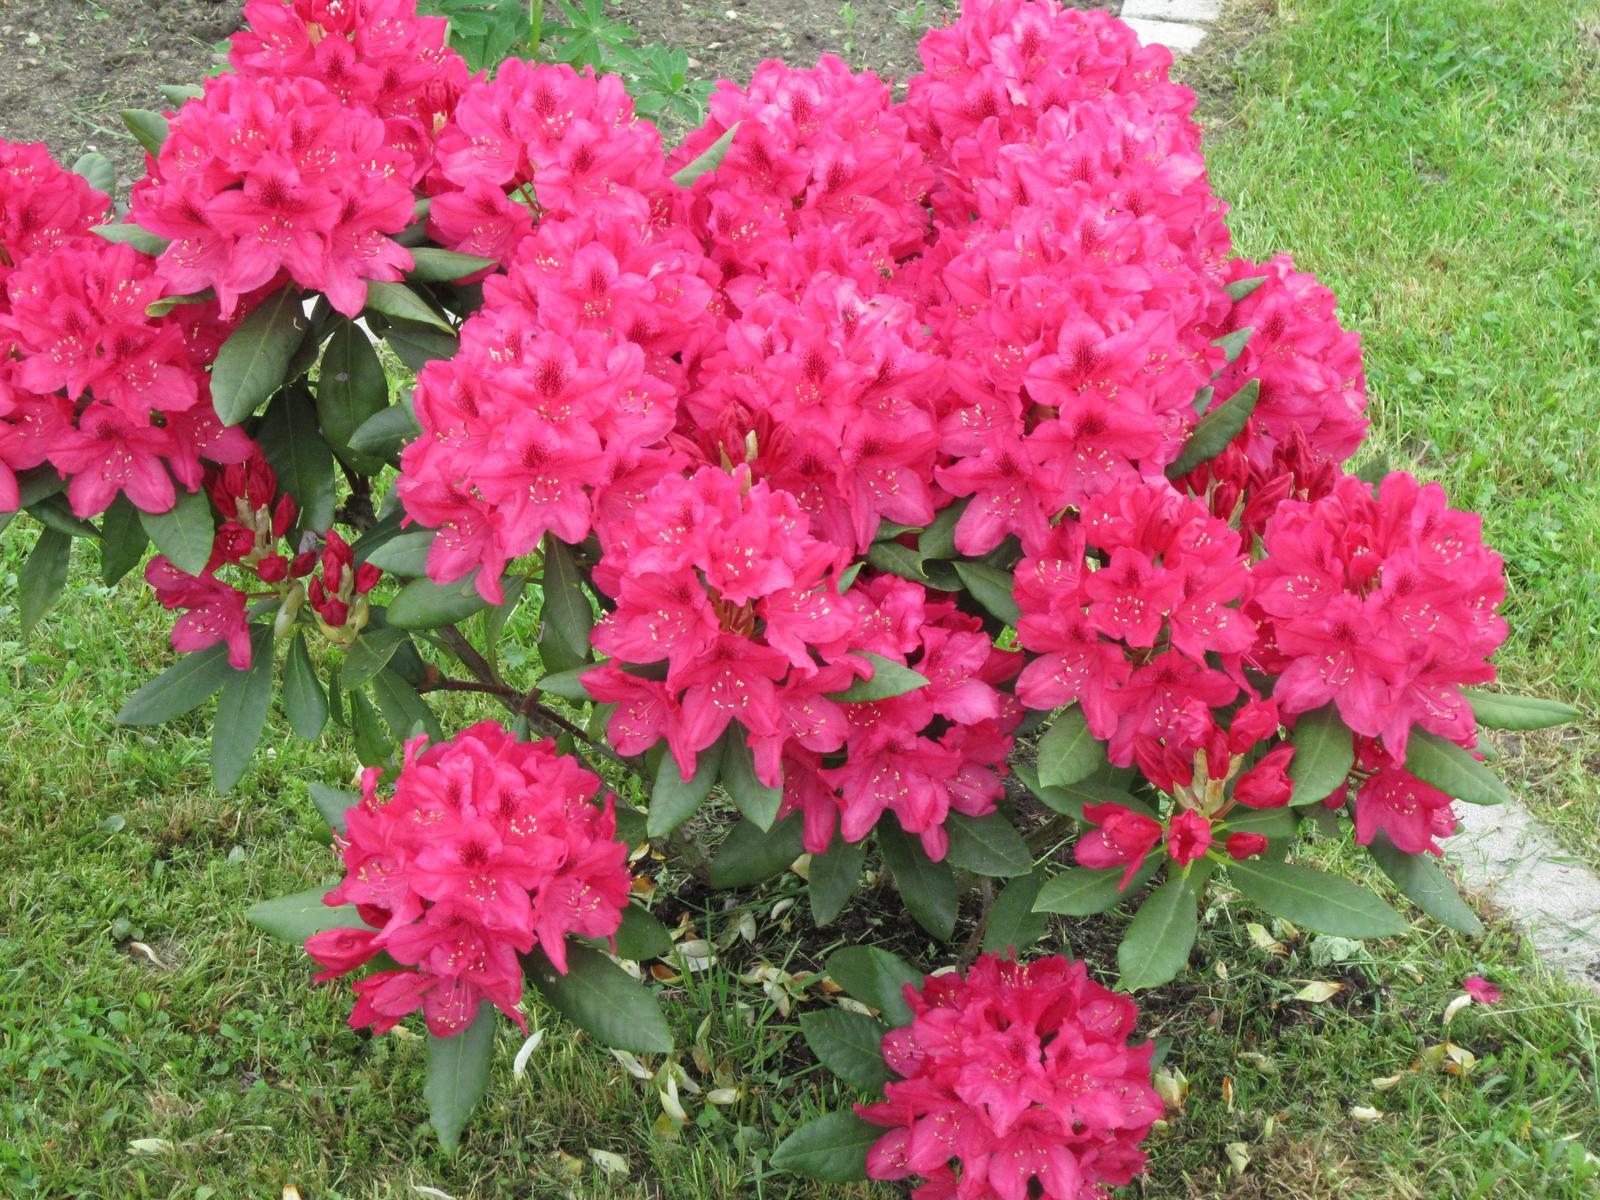 Moja záhrada...ako šiel čas - Obrázok č. 60